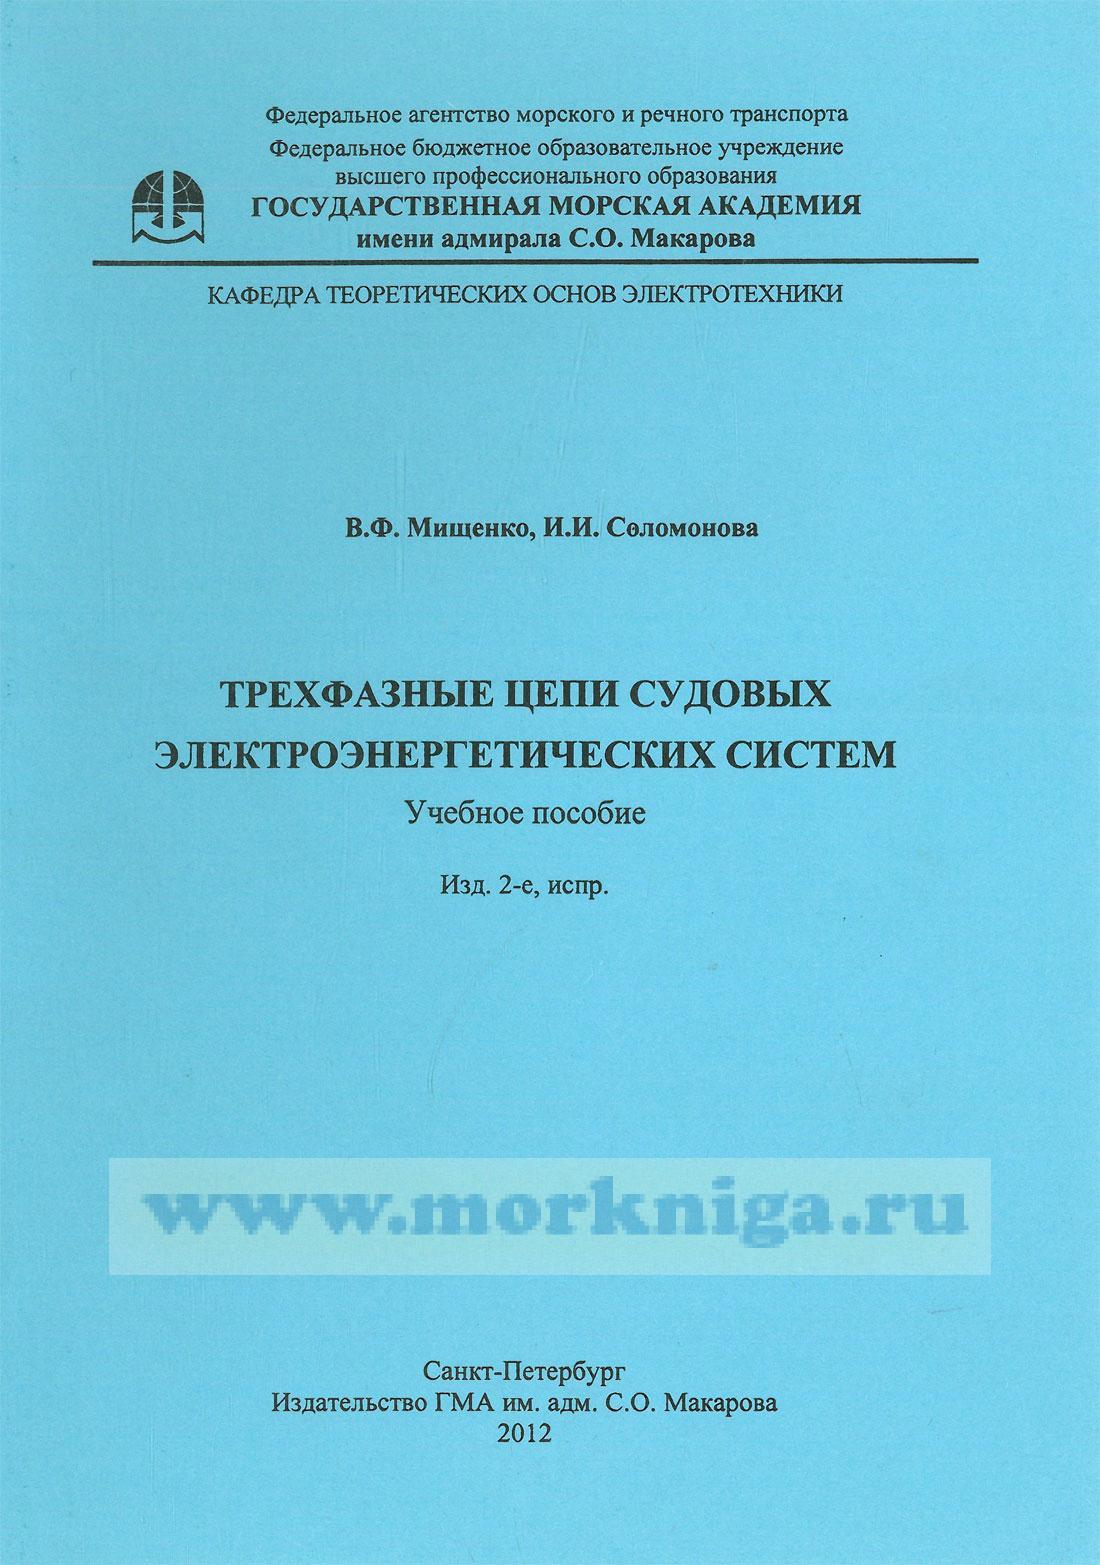 Трехфазные цепи судовых электроэнергетических систем:  учебное пособие (2-е издание, исправленное)